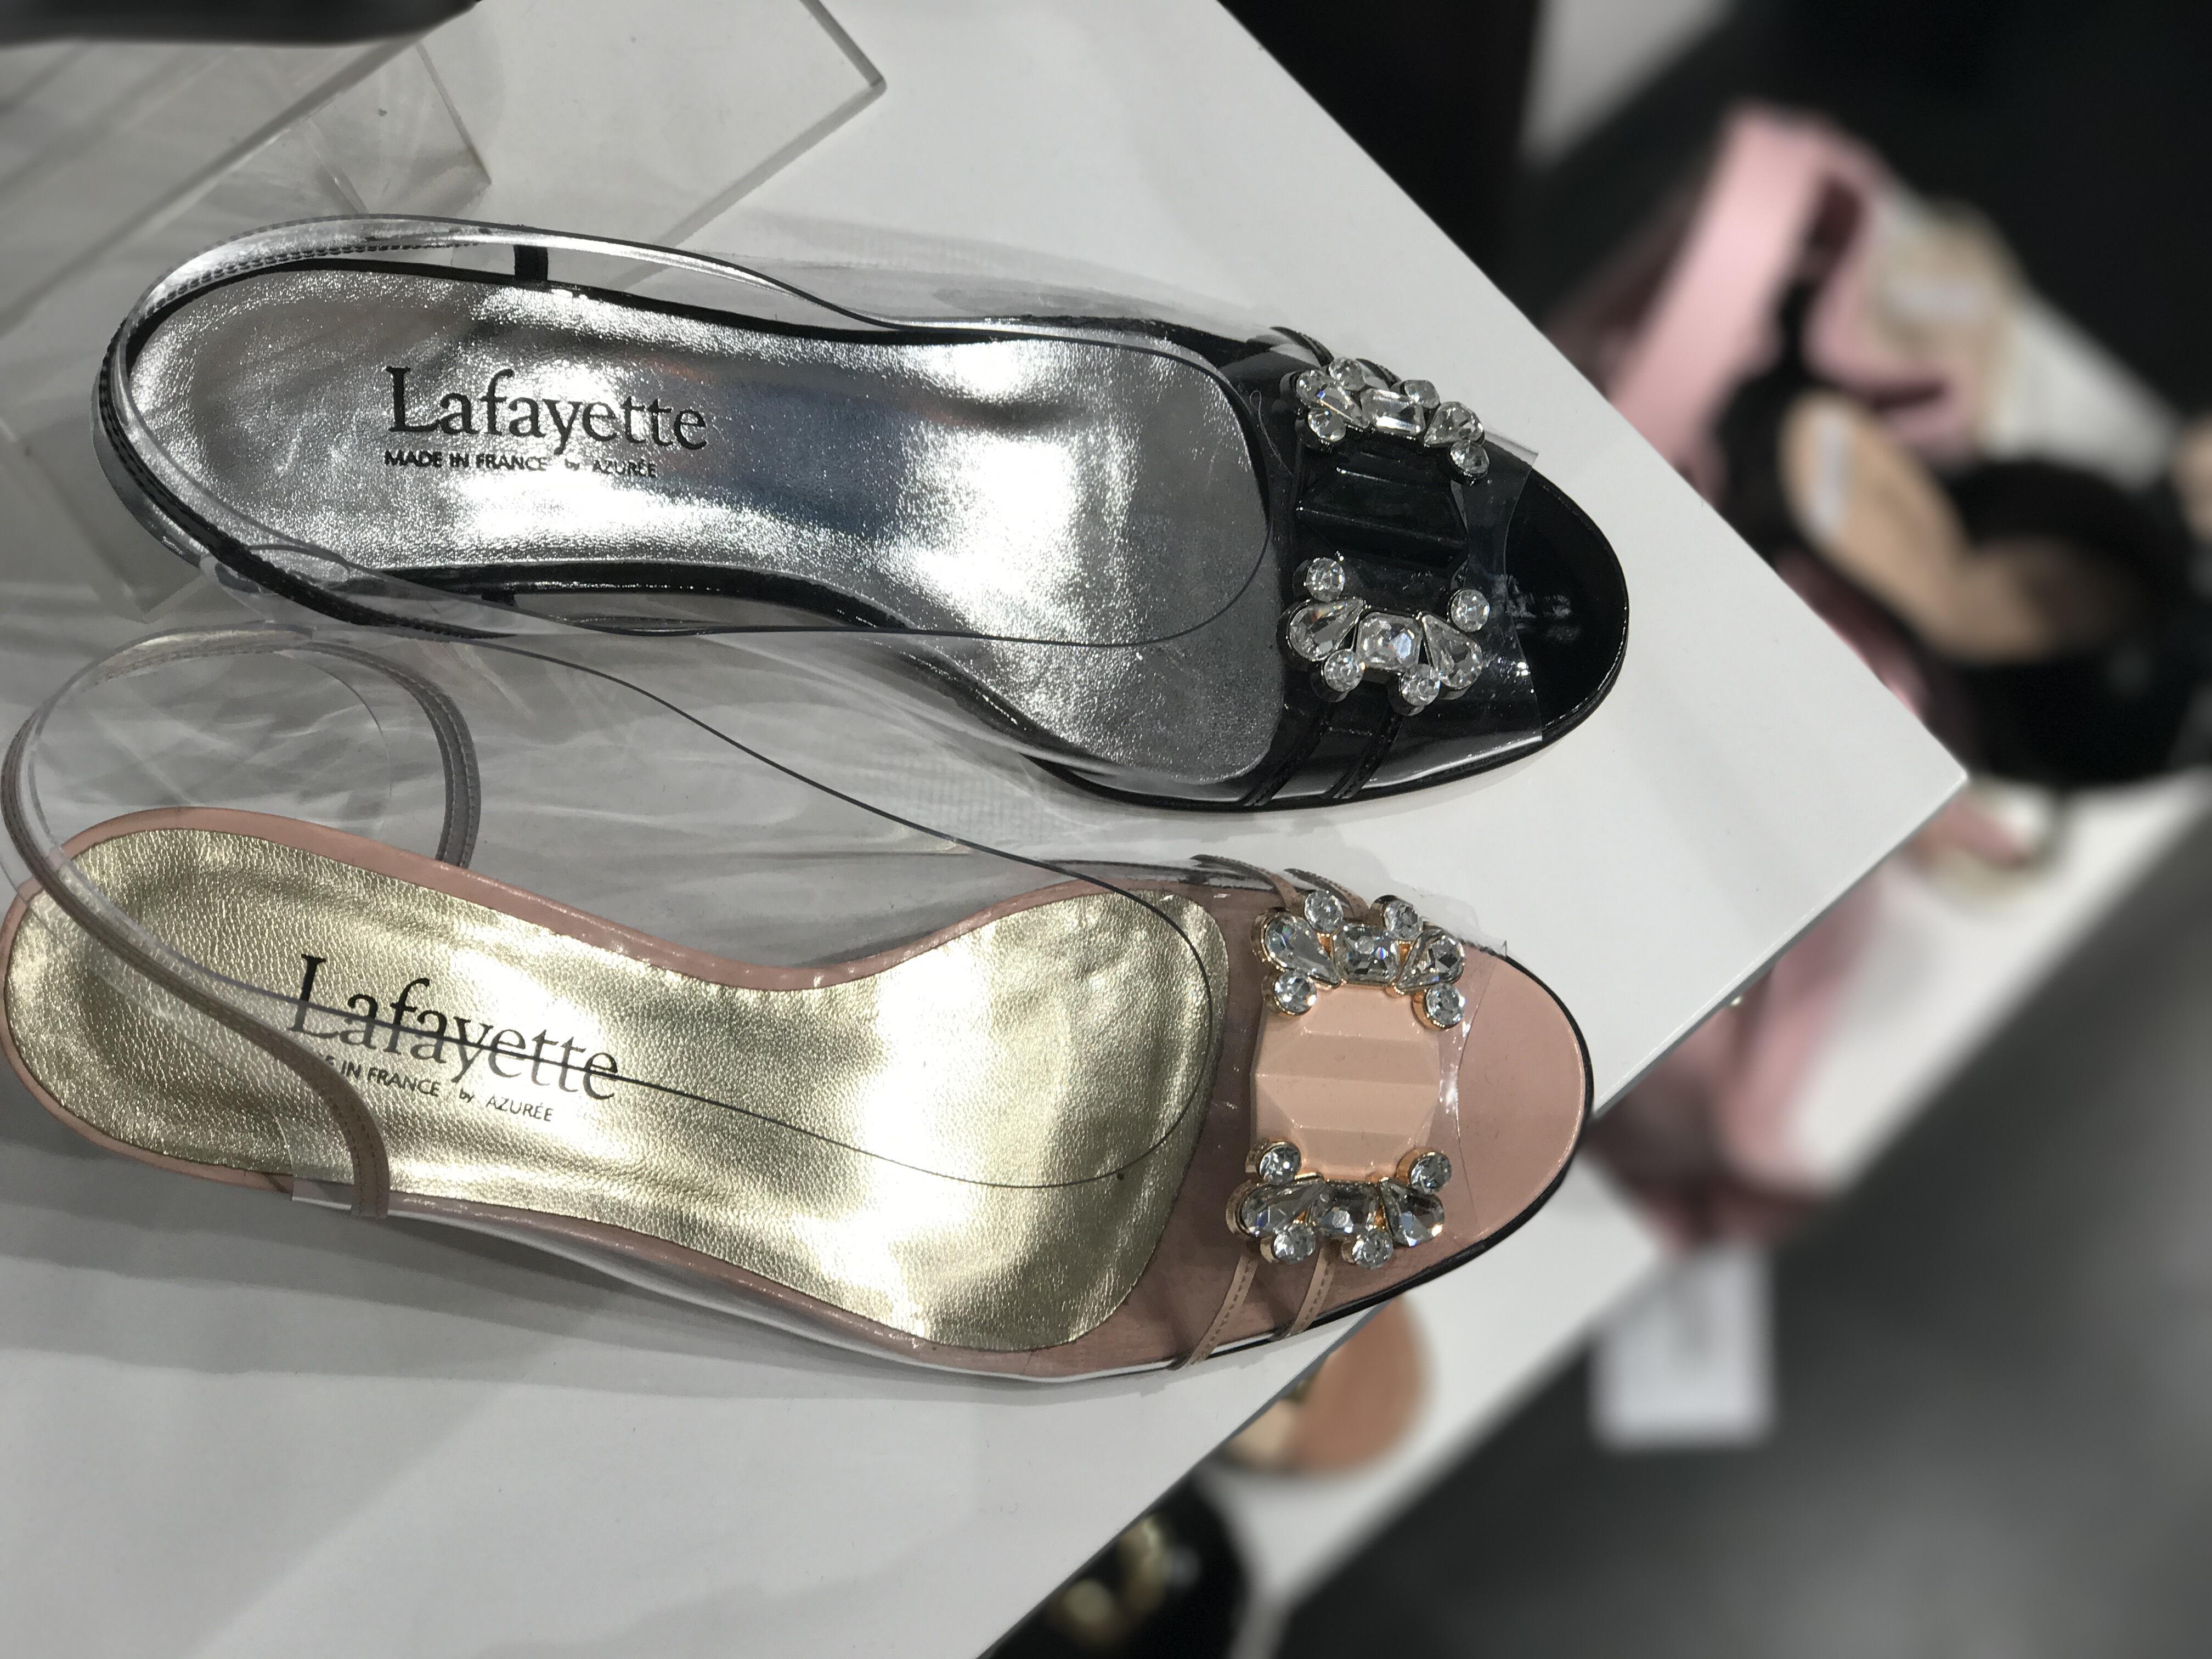 Все прозрачно: главный тренд весны в новой коллекции итальянской обуви от Lafayette Italy